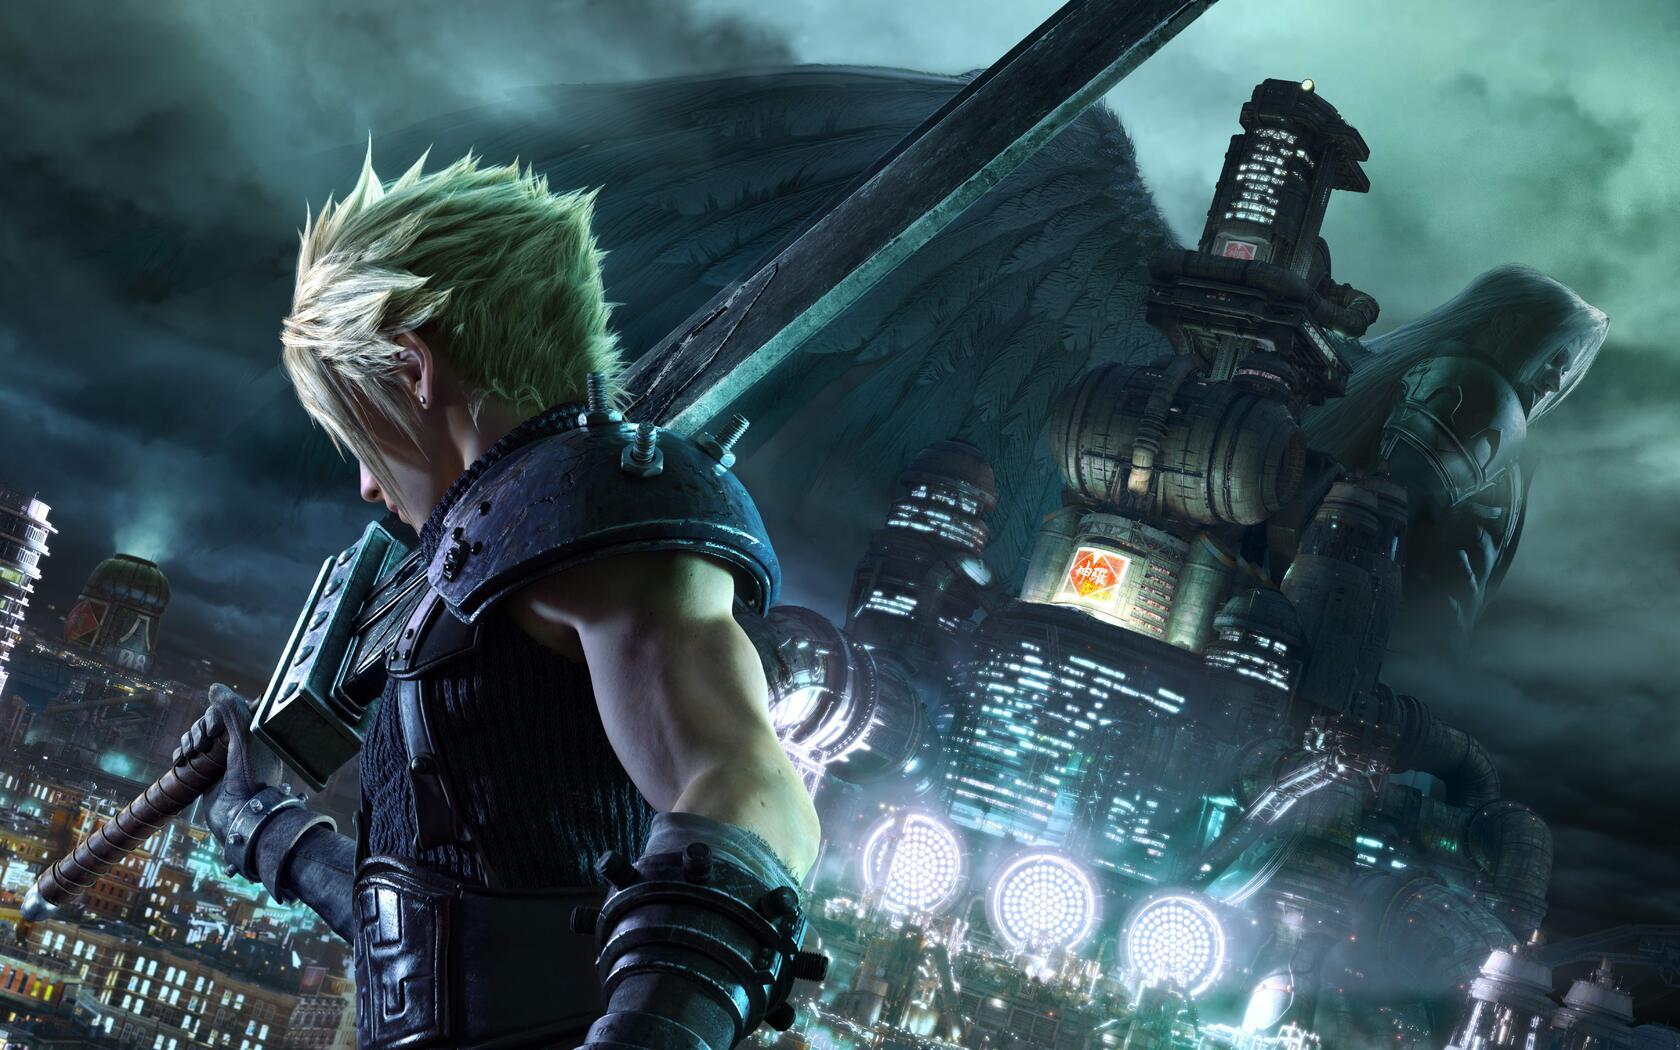 1680x1050 Final Fantasy VII Remake 8k 2020 1680x1050 ...